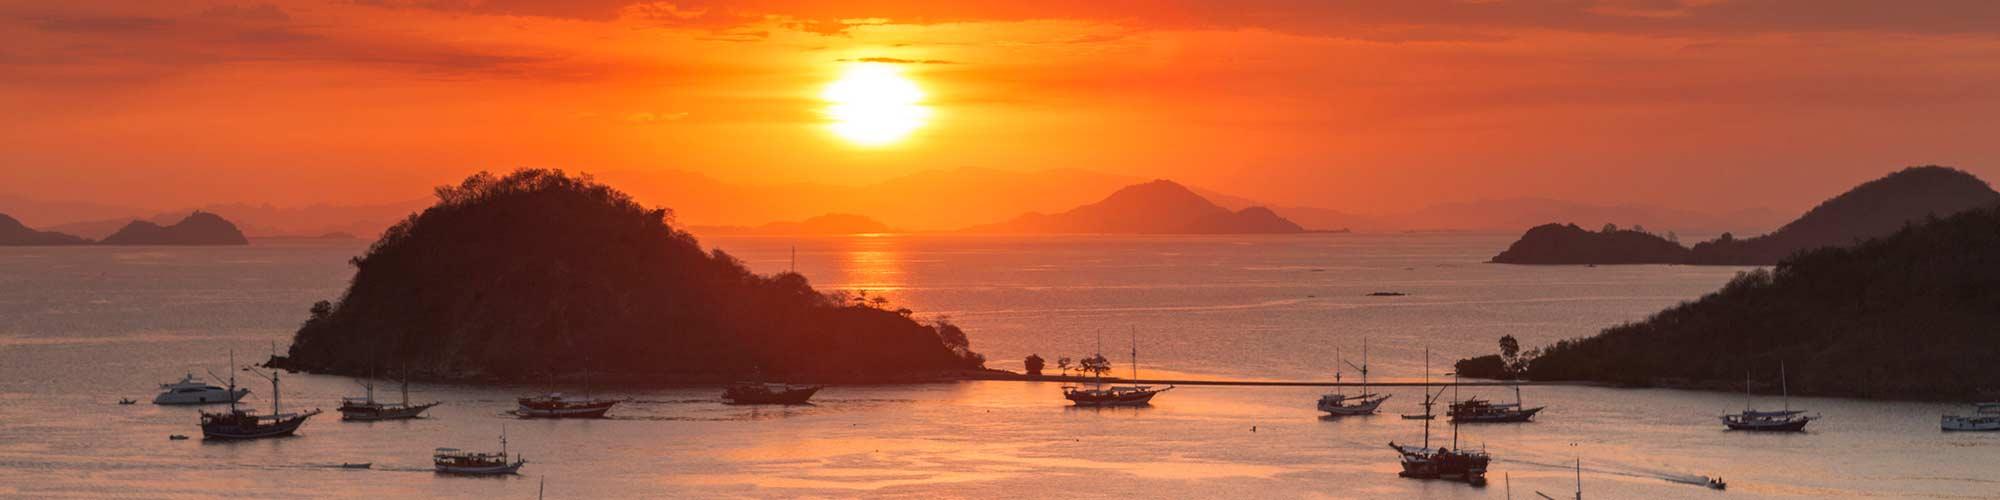 Vista del atardecer de Labuan Bajo puerto de Flores, Indonesia - El Pais Viajes